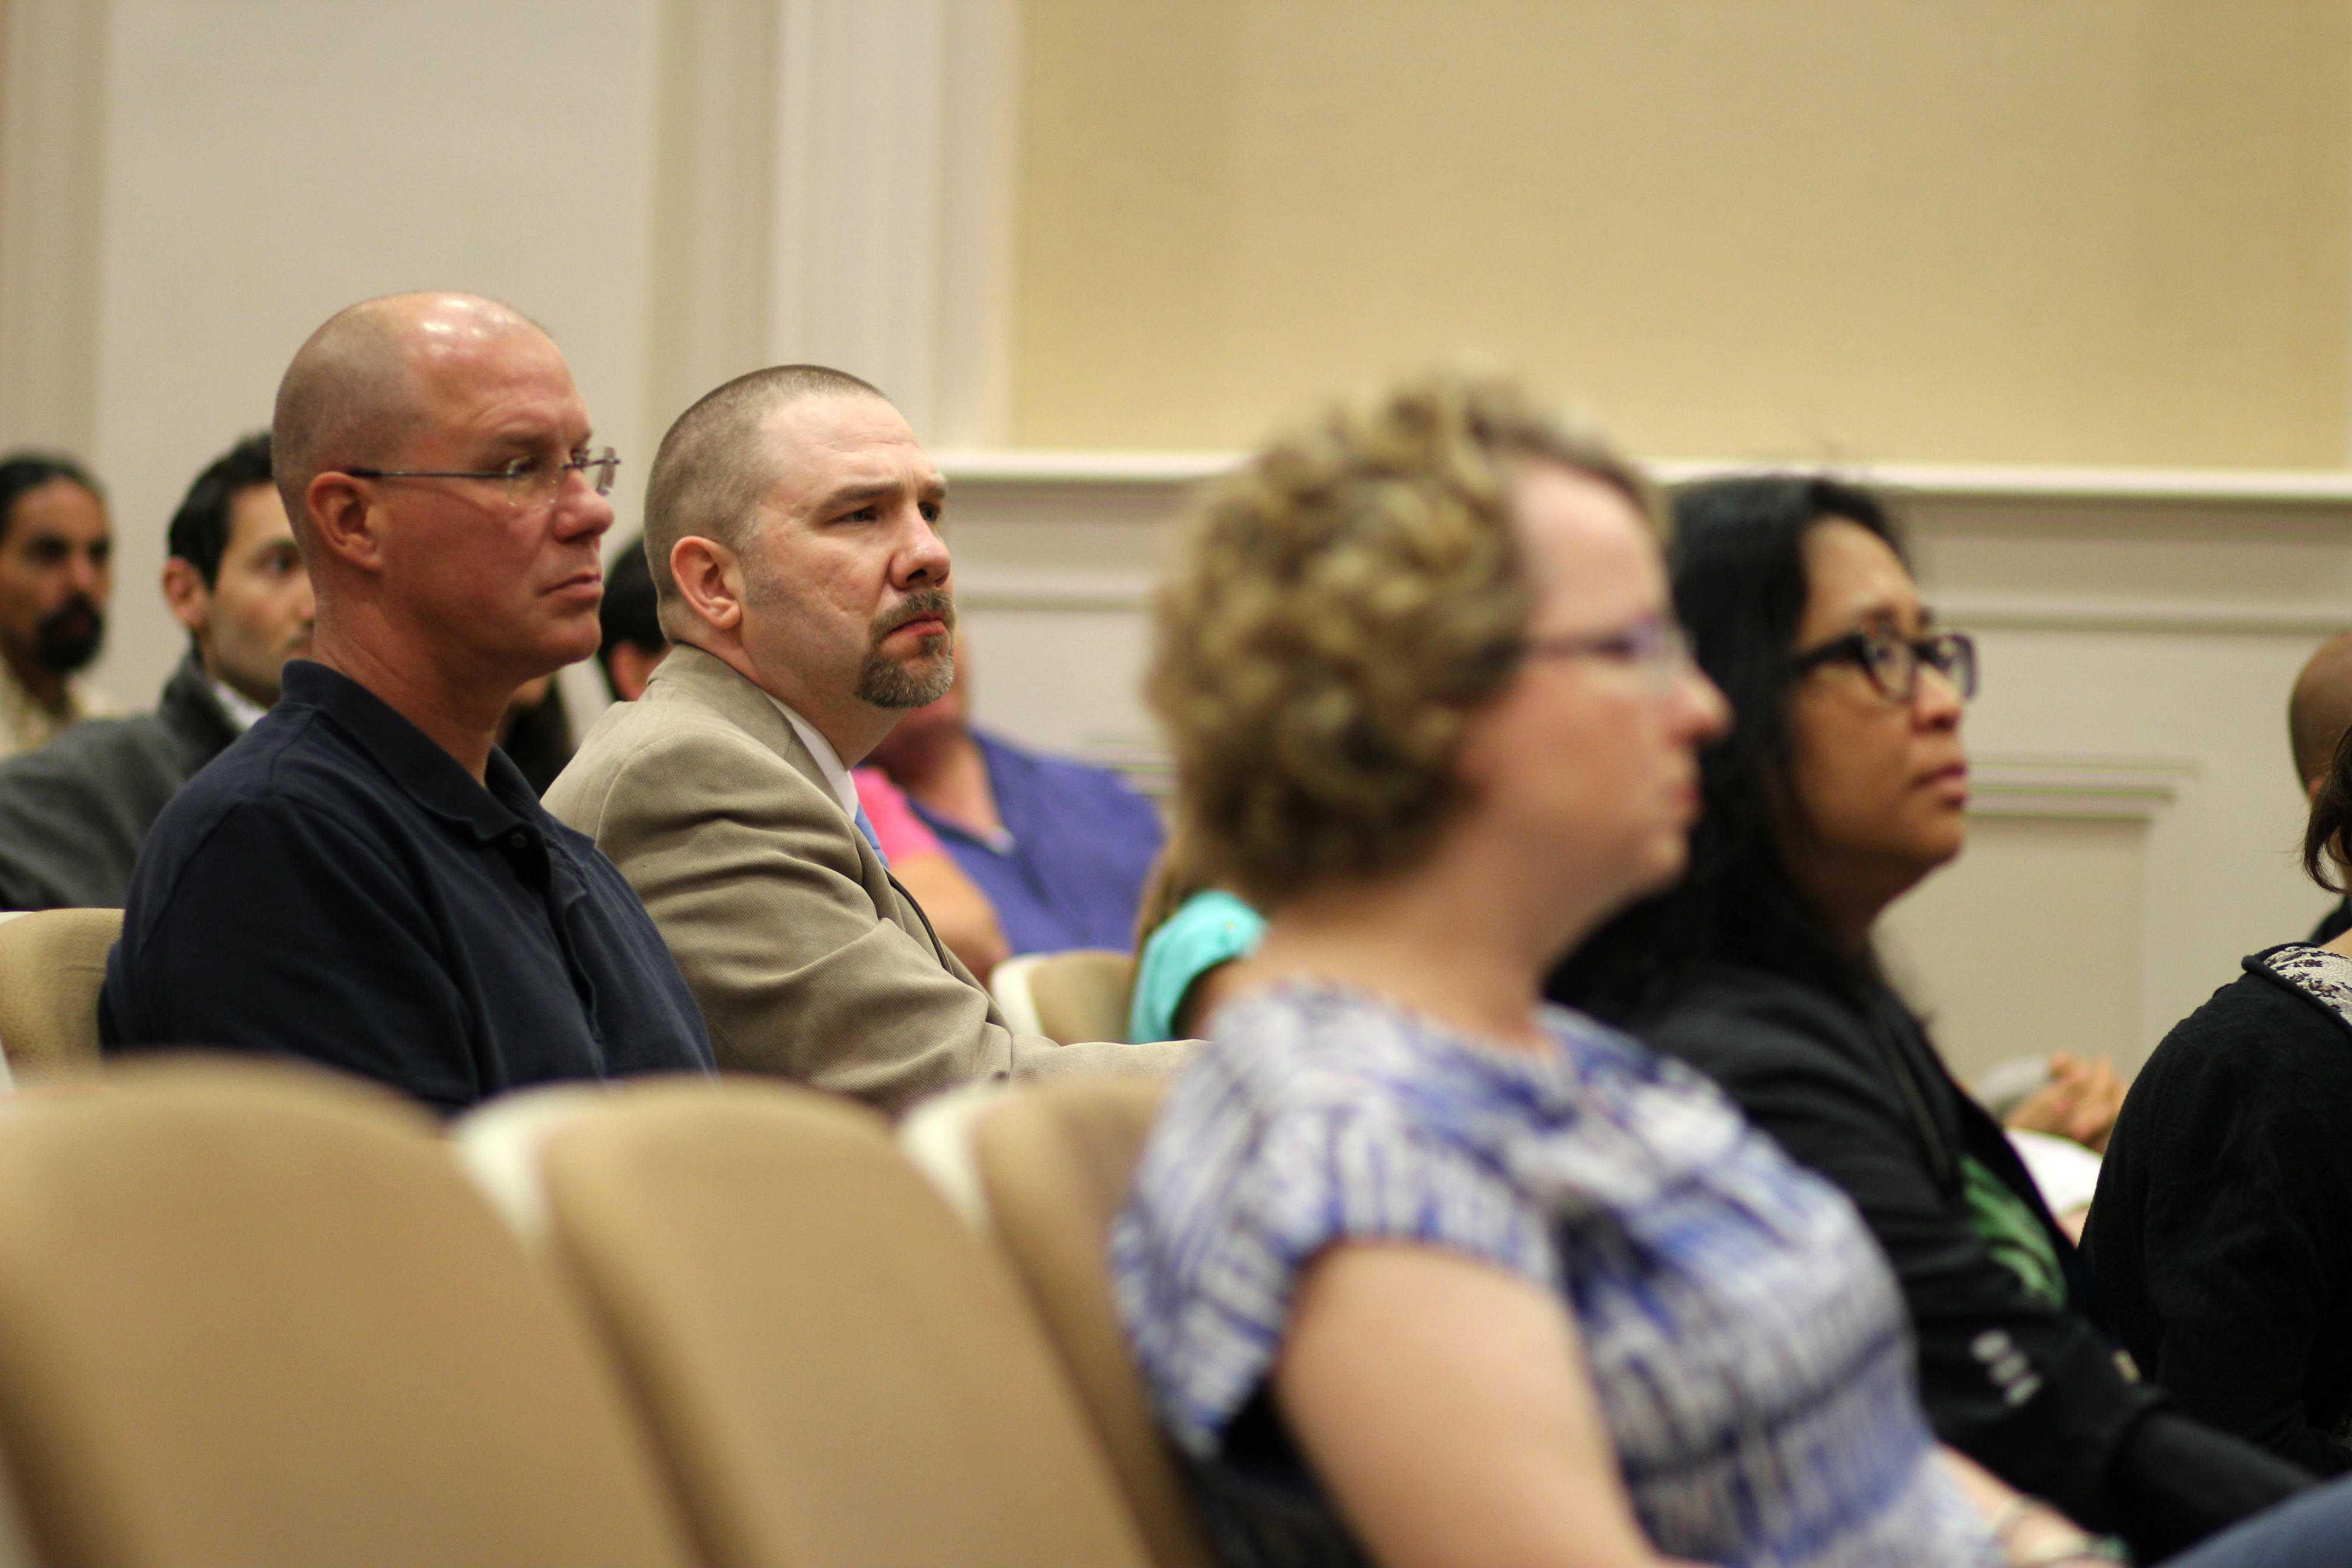 Social studies teachers Sarah Davis and Tod Torrance and SHTA President John Morris listen as Sen. Sherrod Brown addresses the spike in standardized testing.